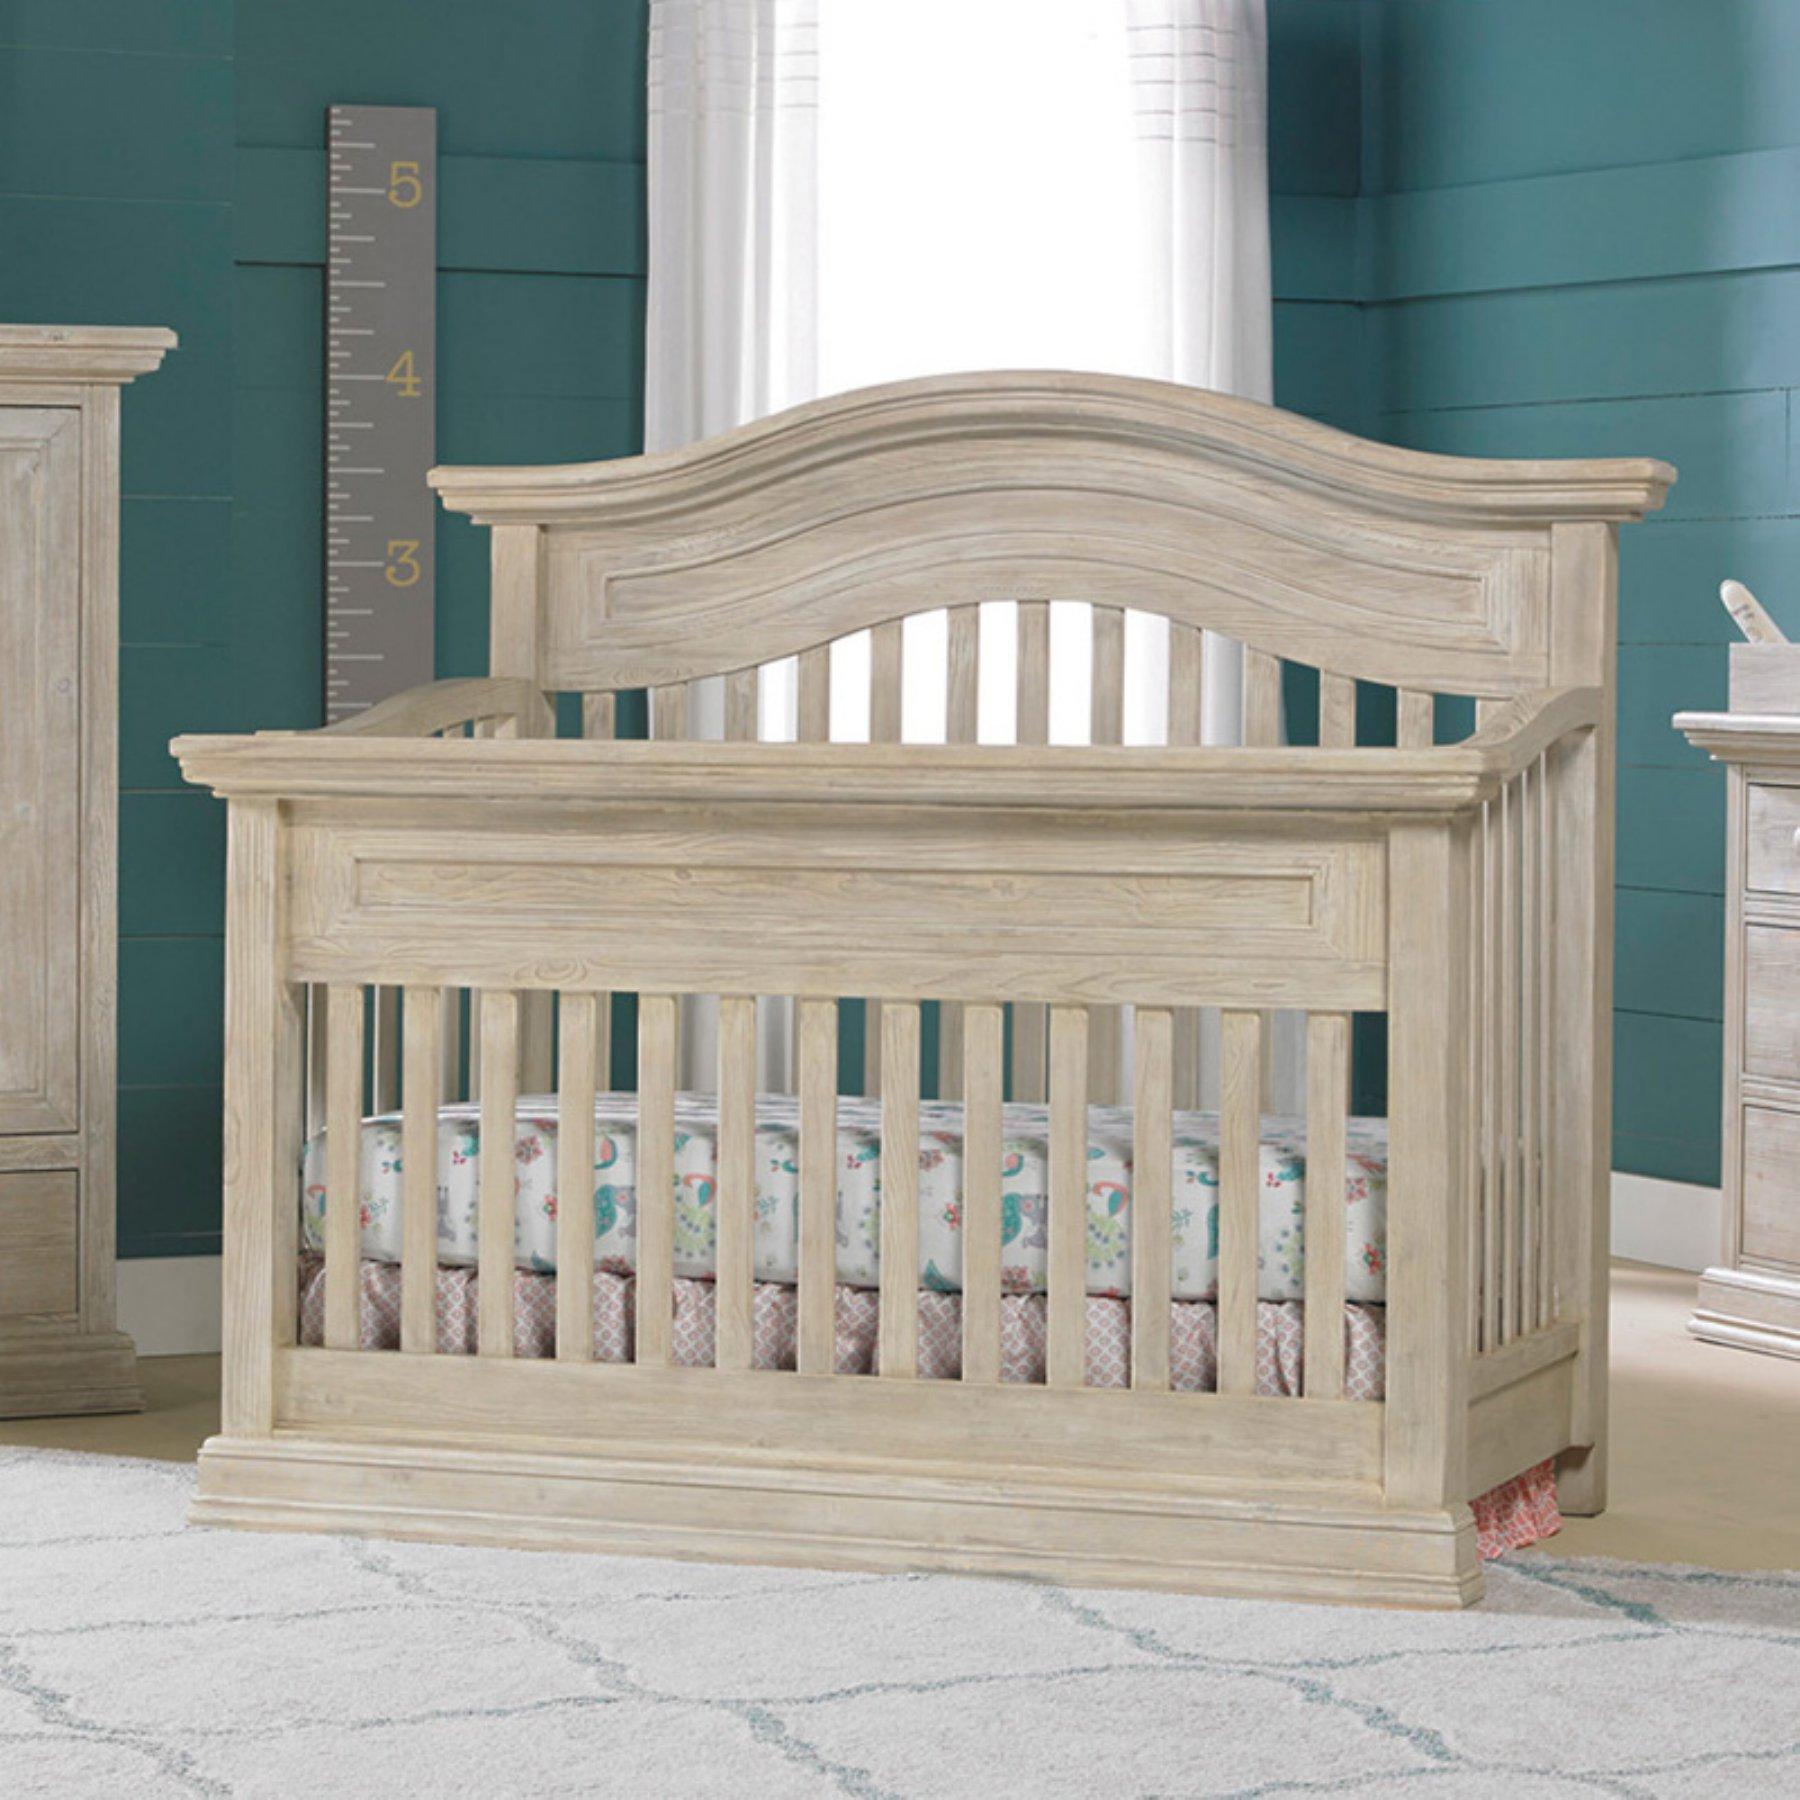 Cosi Bella Luciano 4 In 1 Convertible Crib  15220146